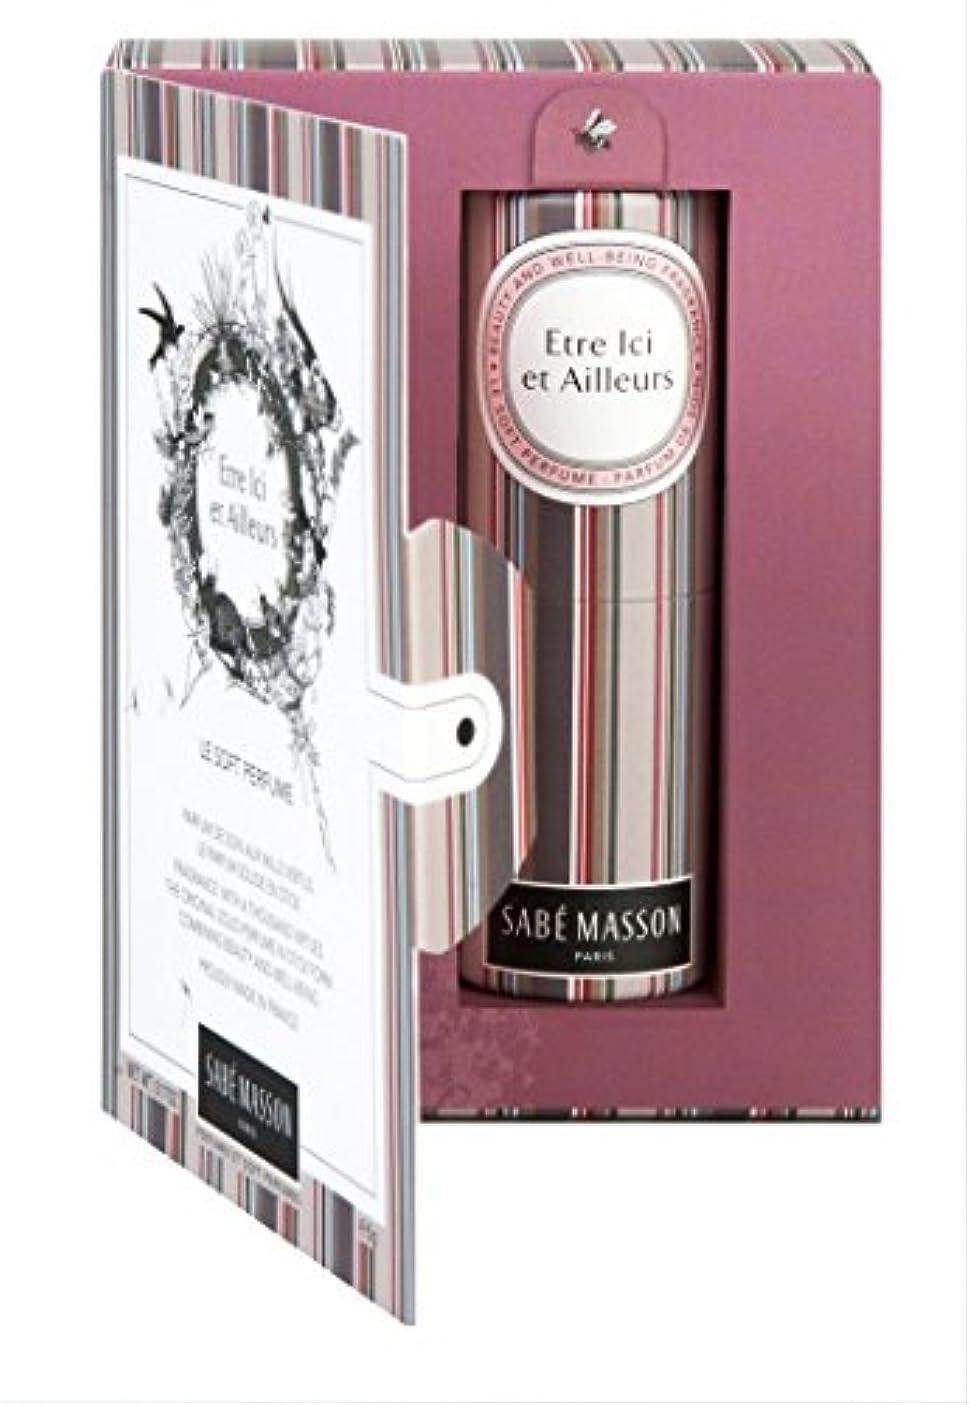 窓を洗う不透明な剛性サベマソン ソフトパフューム エートルイッシエアリュール 5g(練り香水 アルコールフリー キンモクセイが香るパウダリーなプレシャスウッドの香り)